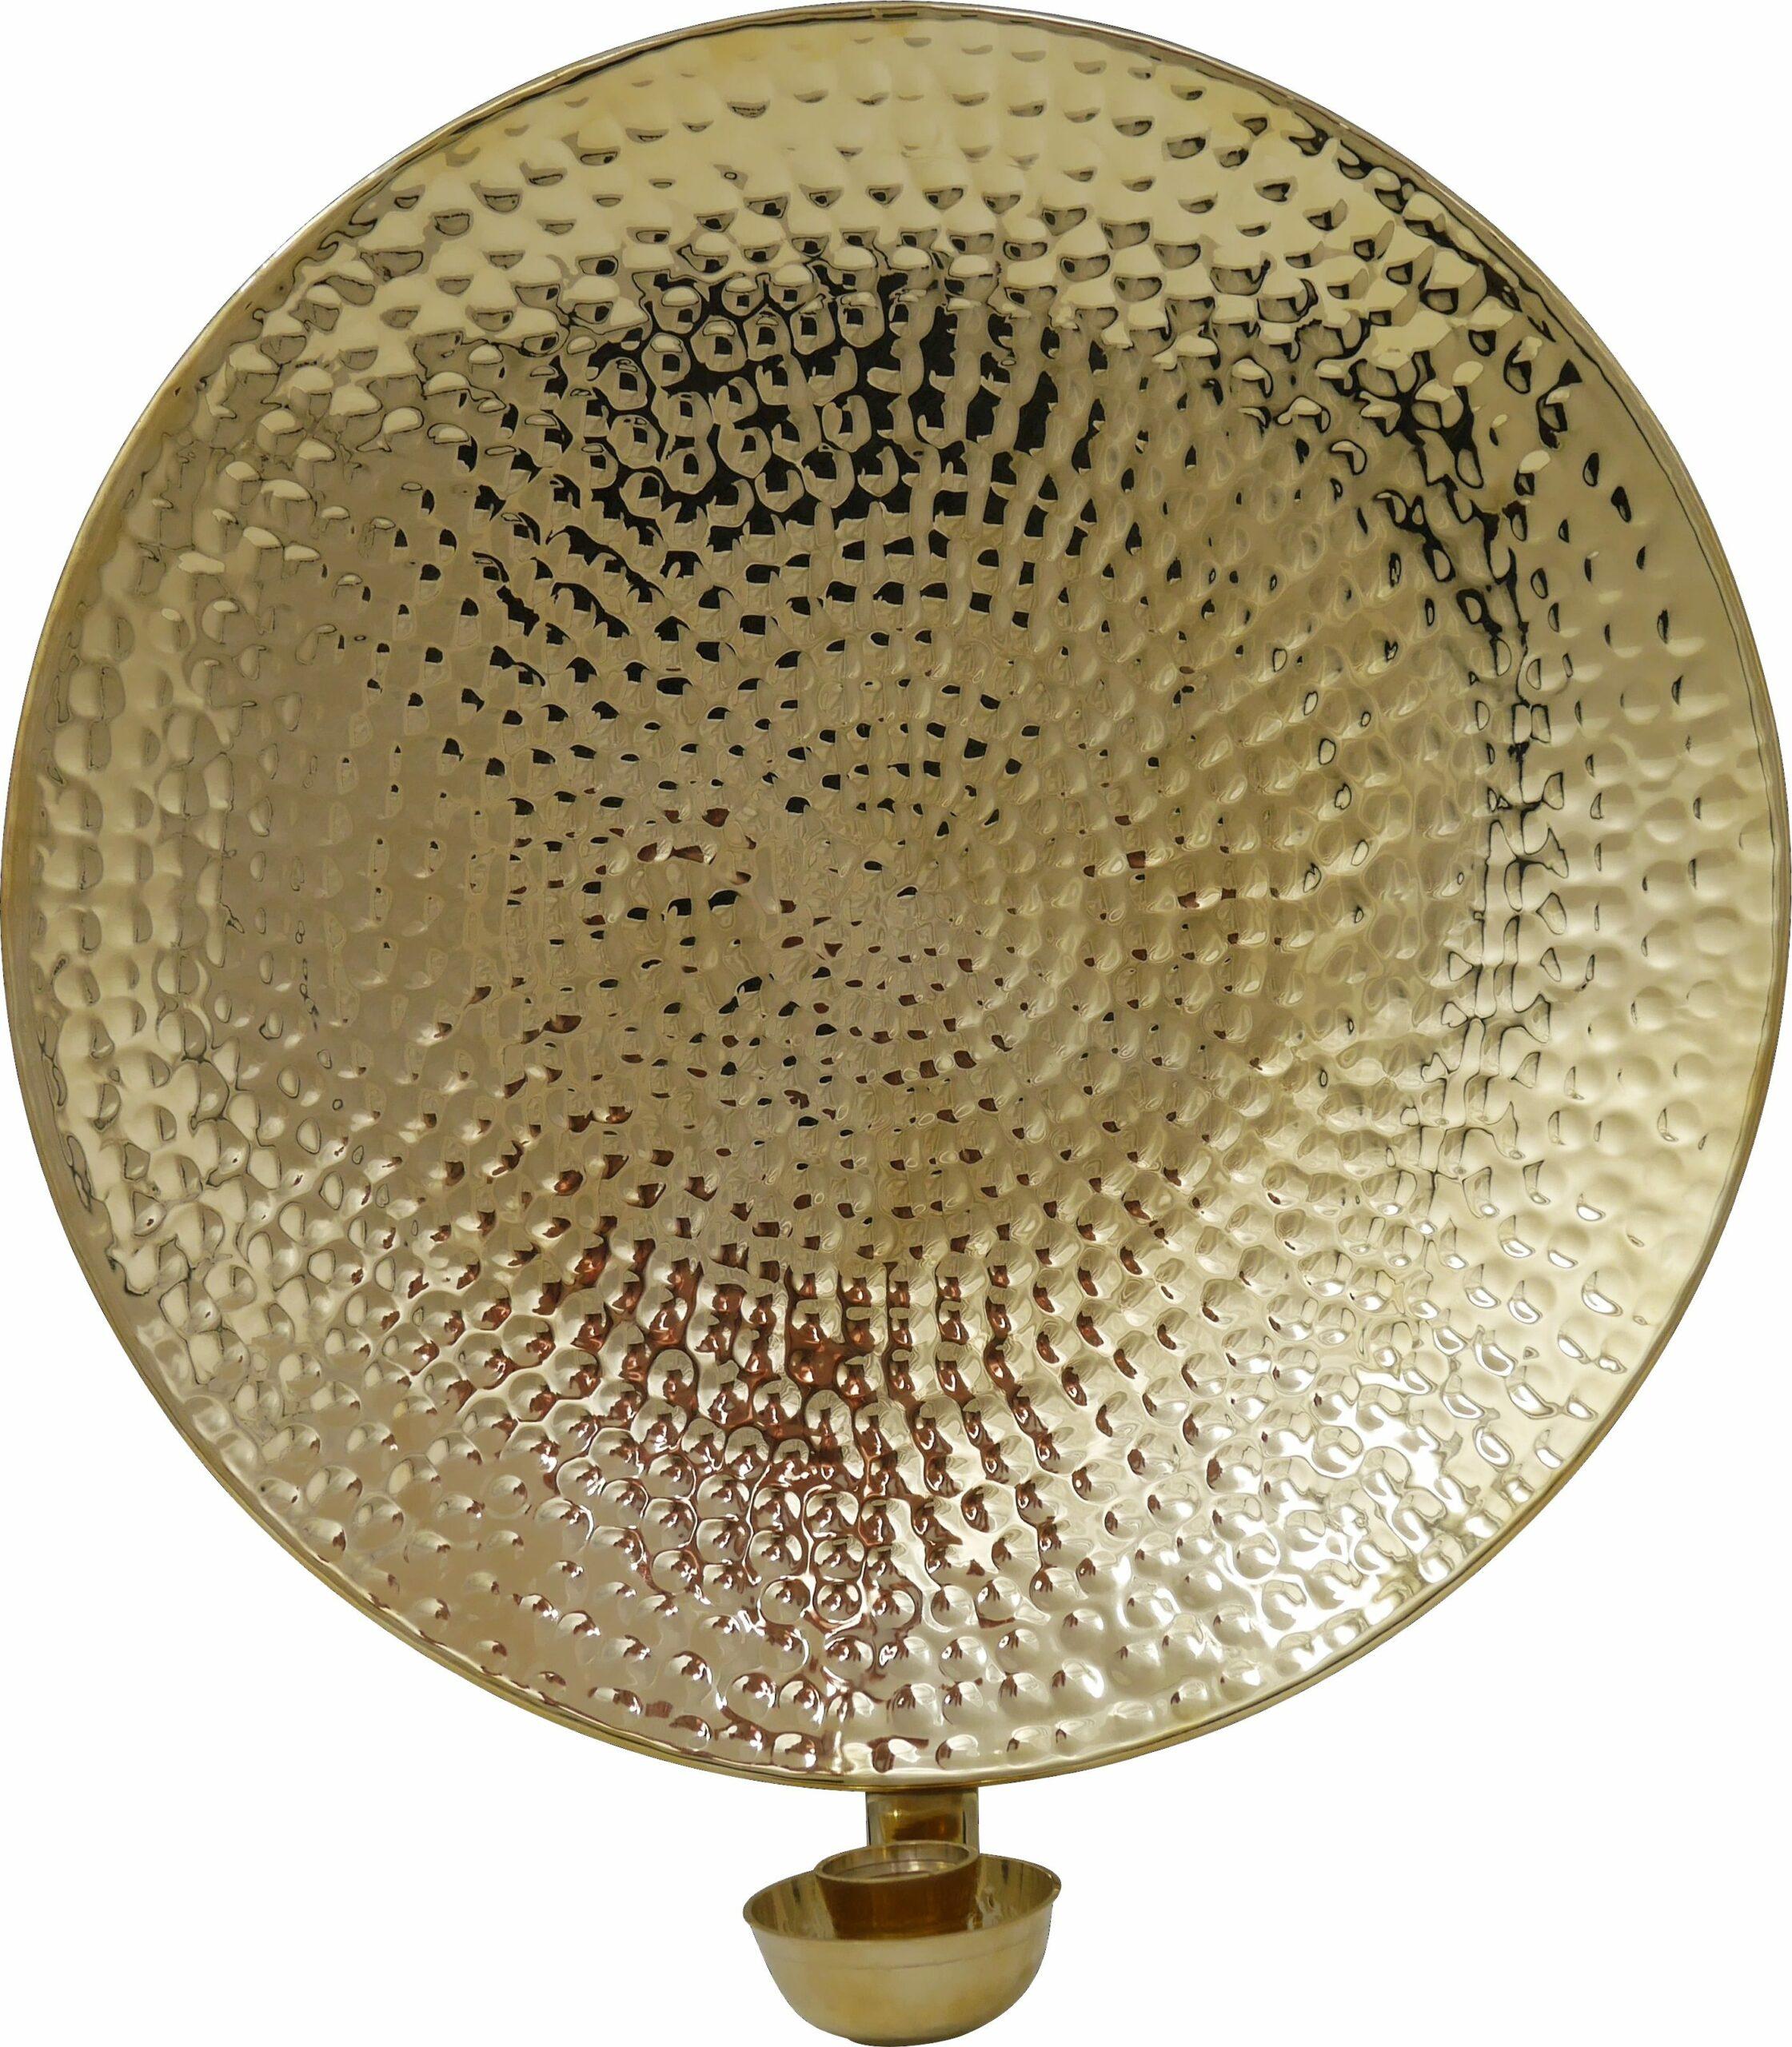 Mässing - Lampett Rund 40 cm Image